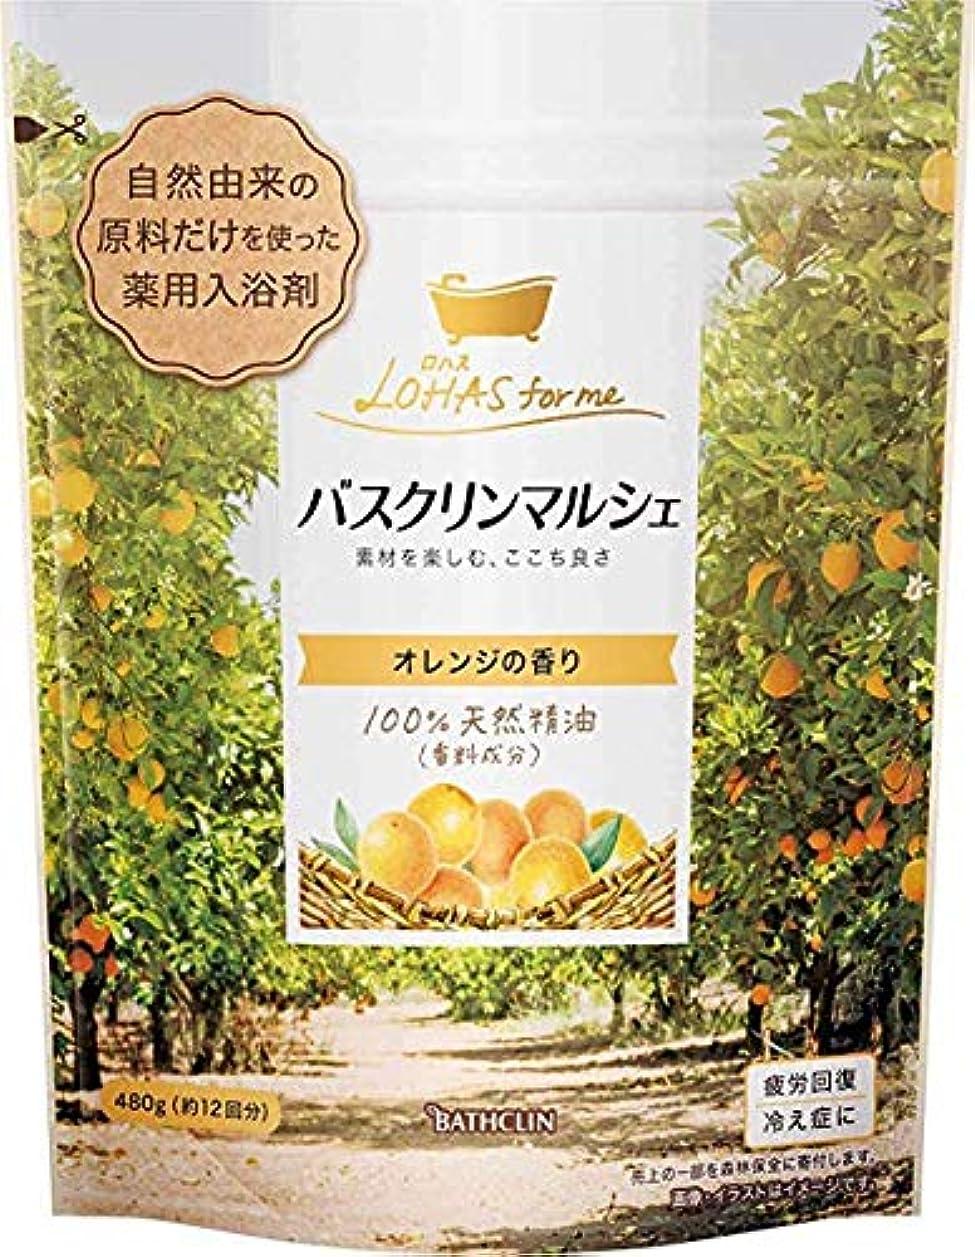 オレンジ利益天国【合成香料無添加/医薬部外品】バスクリンマルシェオレンジの香り480g入浴剤